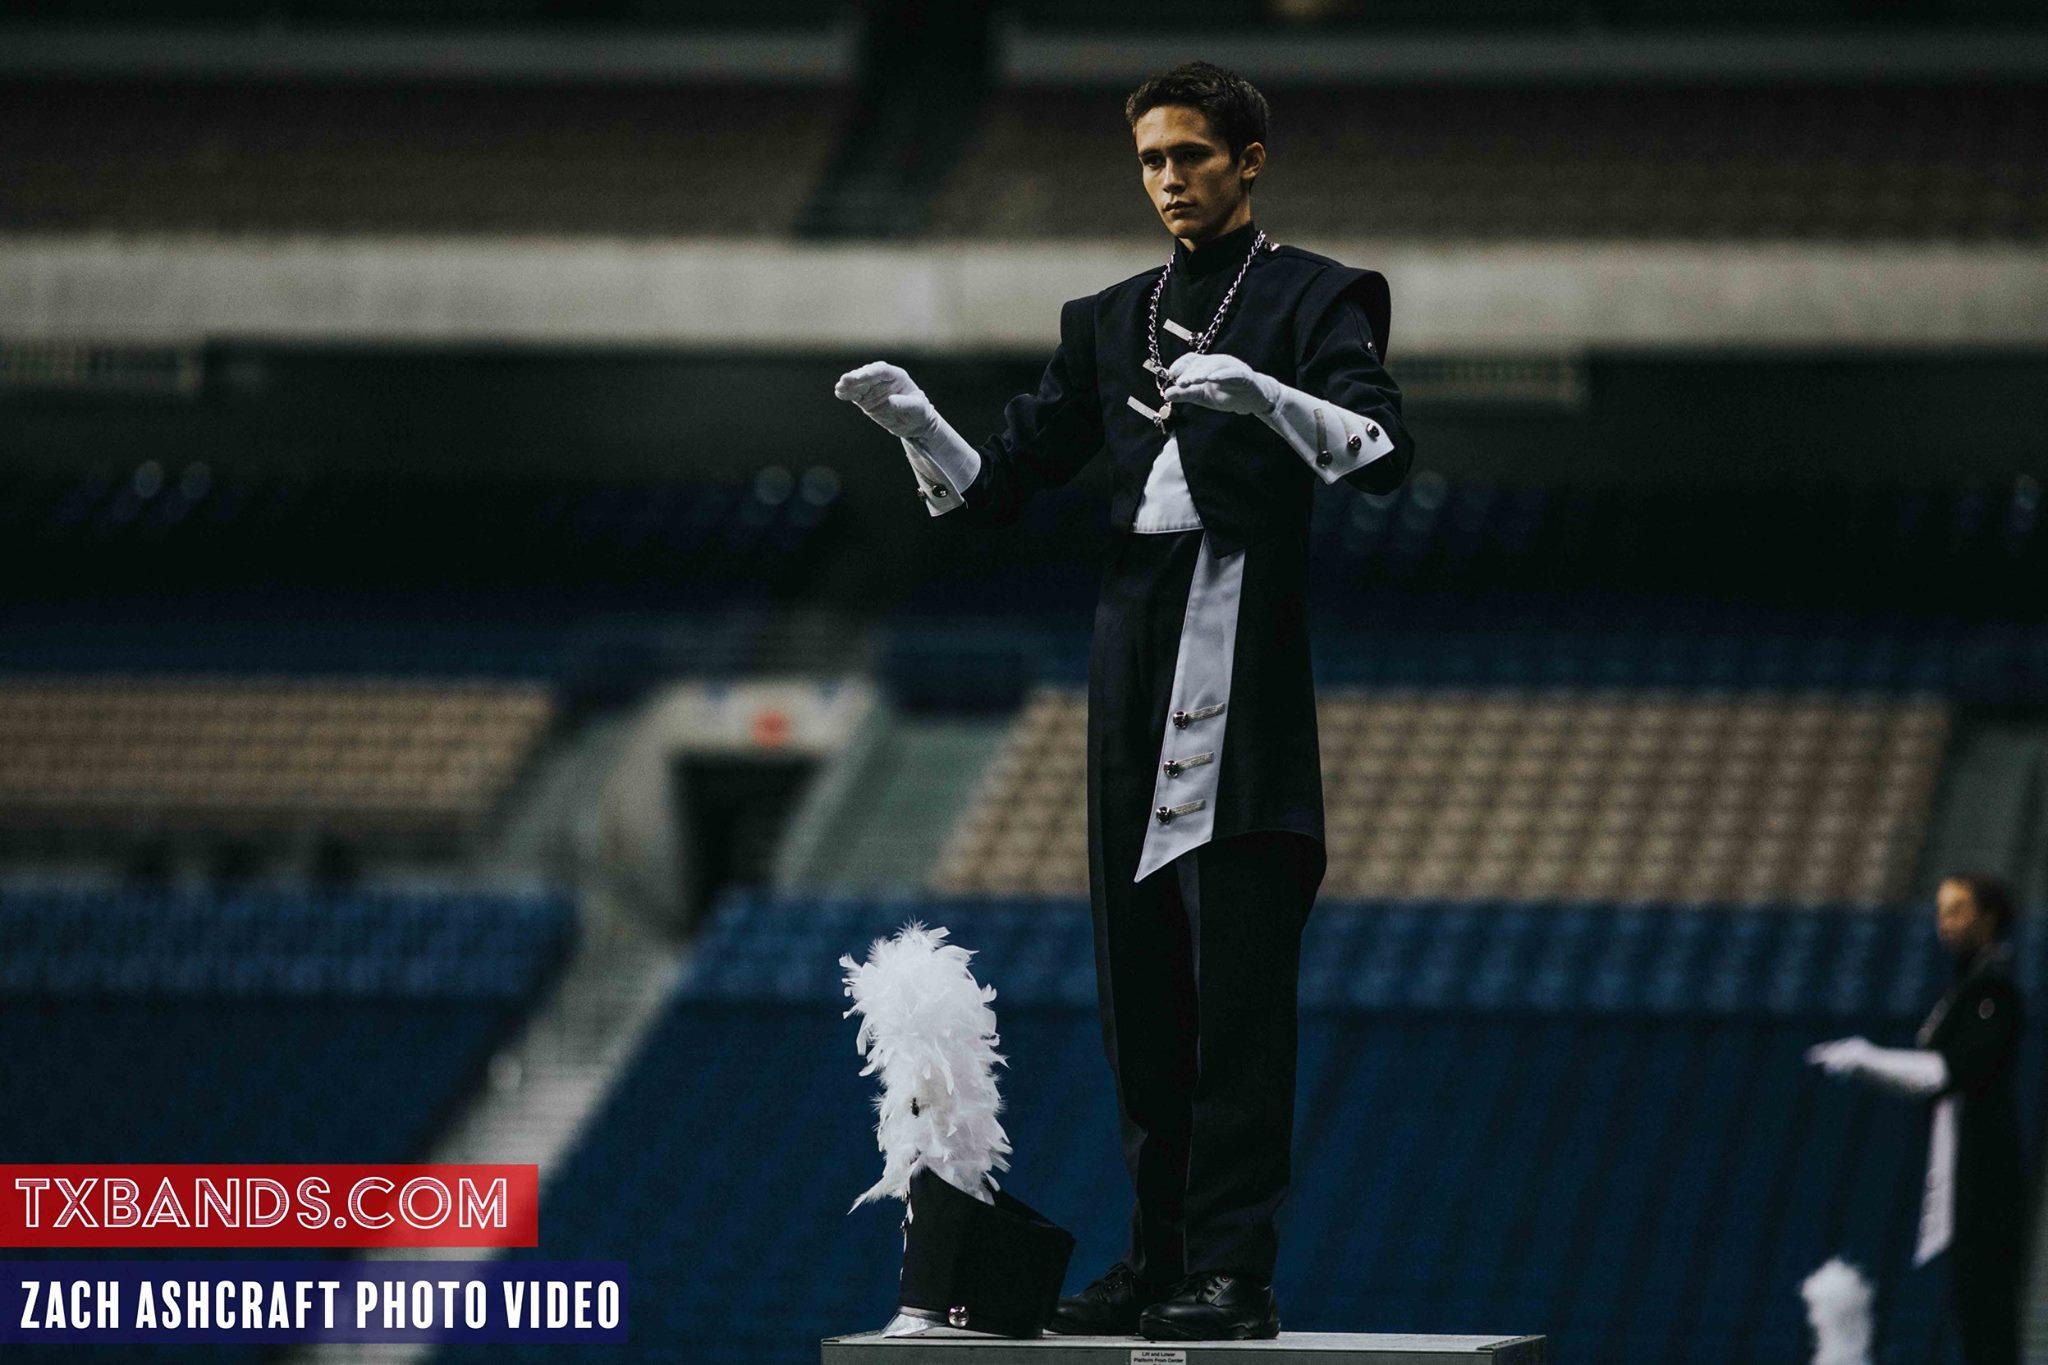 A shot I got of Cameron conducting the Bell Band at BOA San Antonio this past fall